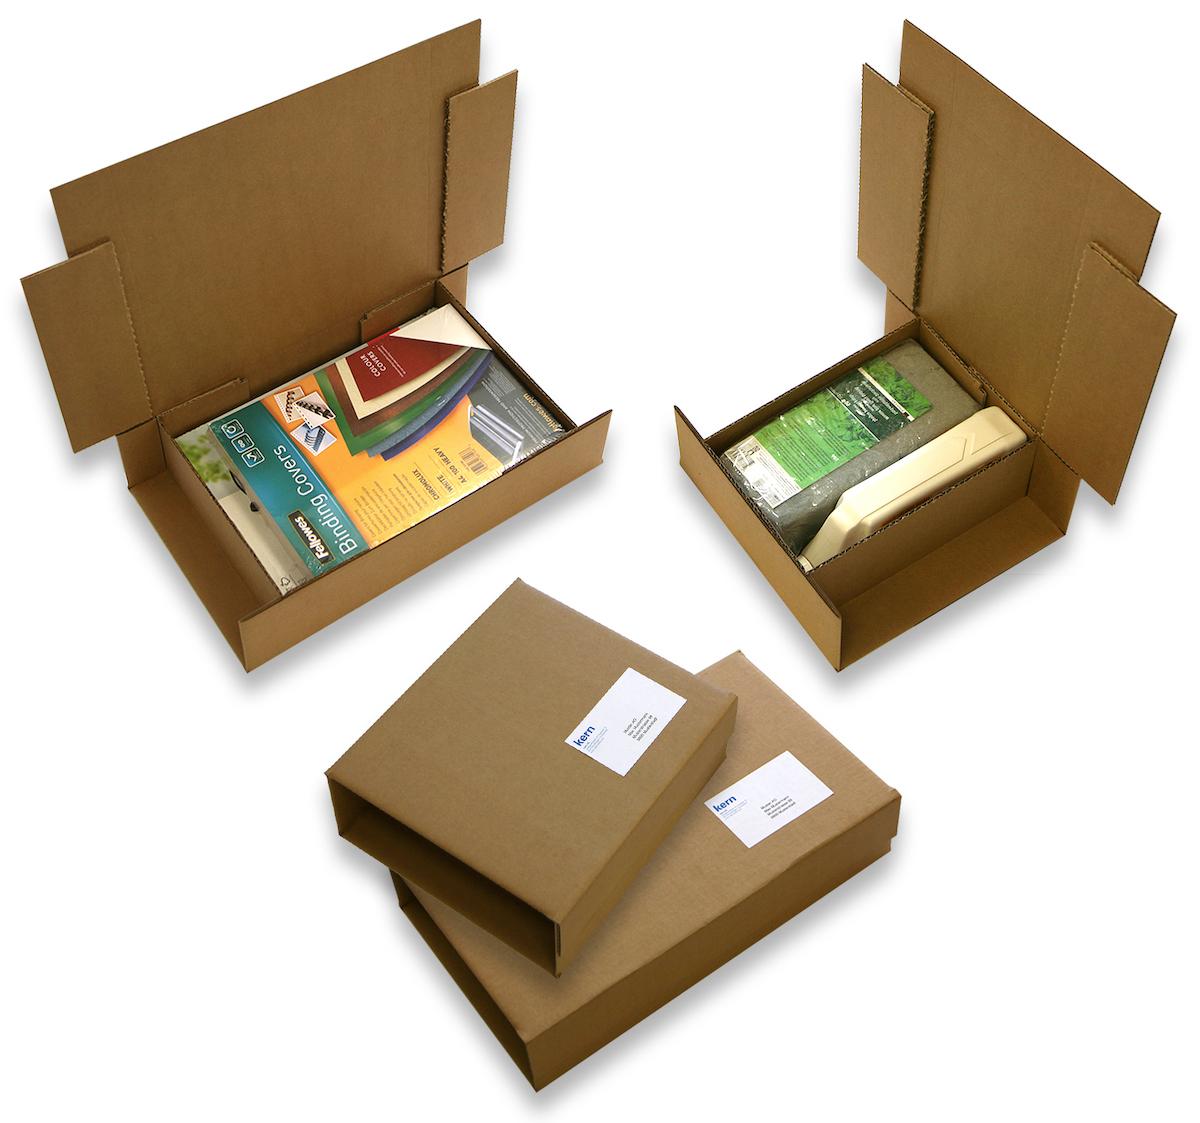 Das Multiformat-Verpackungssystem operiert mit nachhaltigem Recyclingkarton (Wellpappe) und macht zusätzliche Füllmaterialien überflüssig. (Bild: Kern AG)